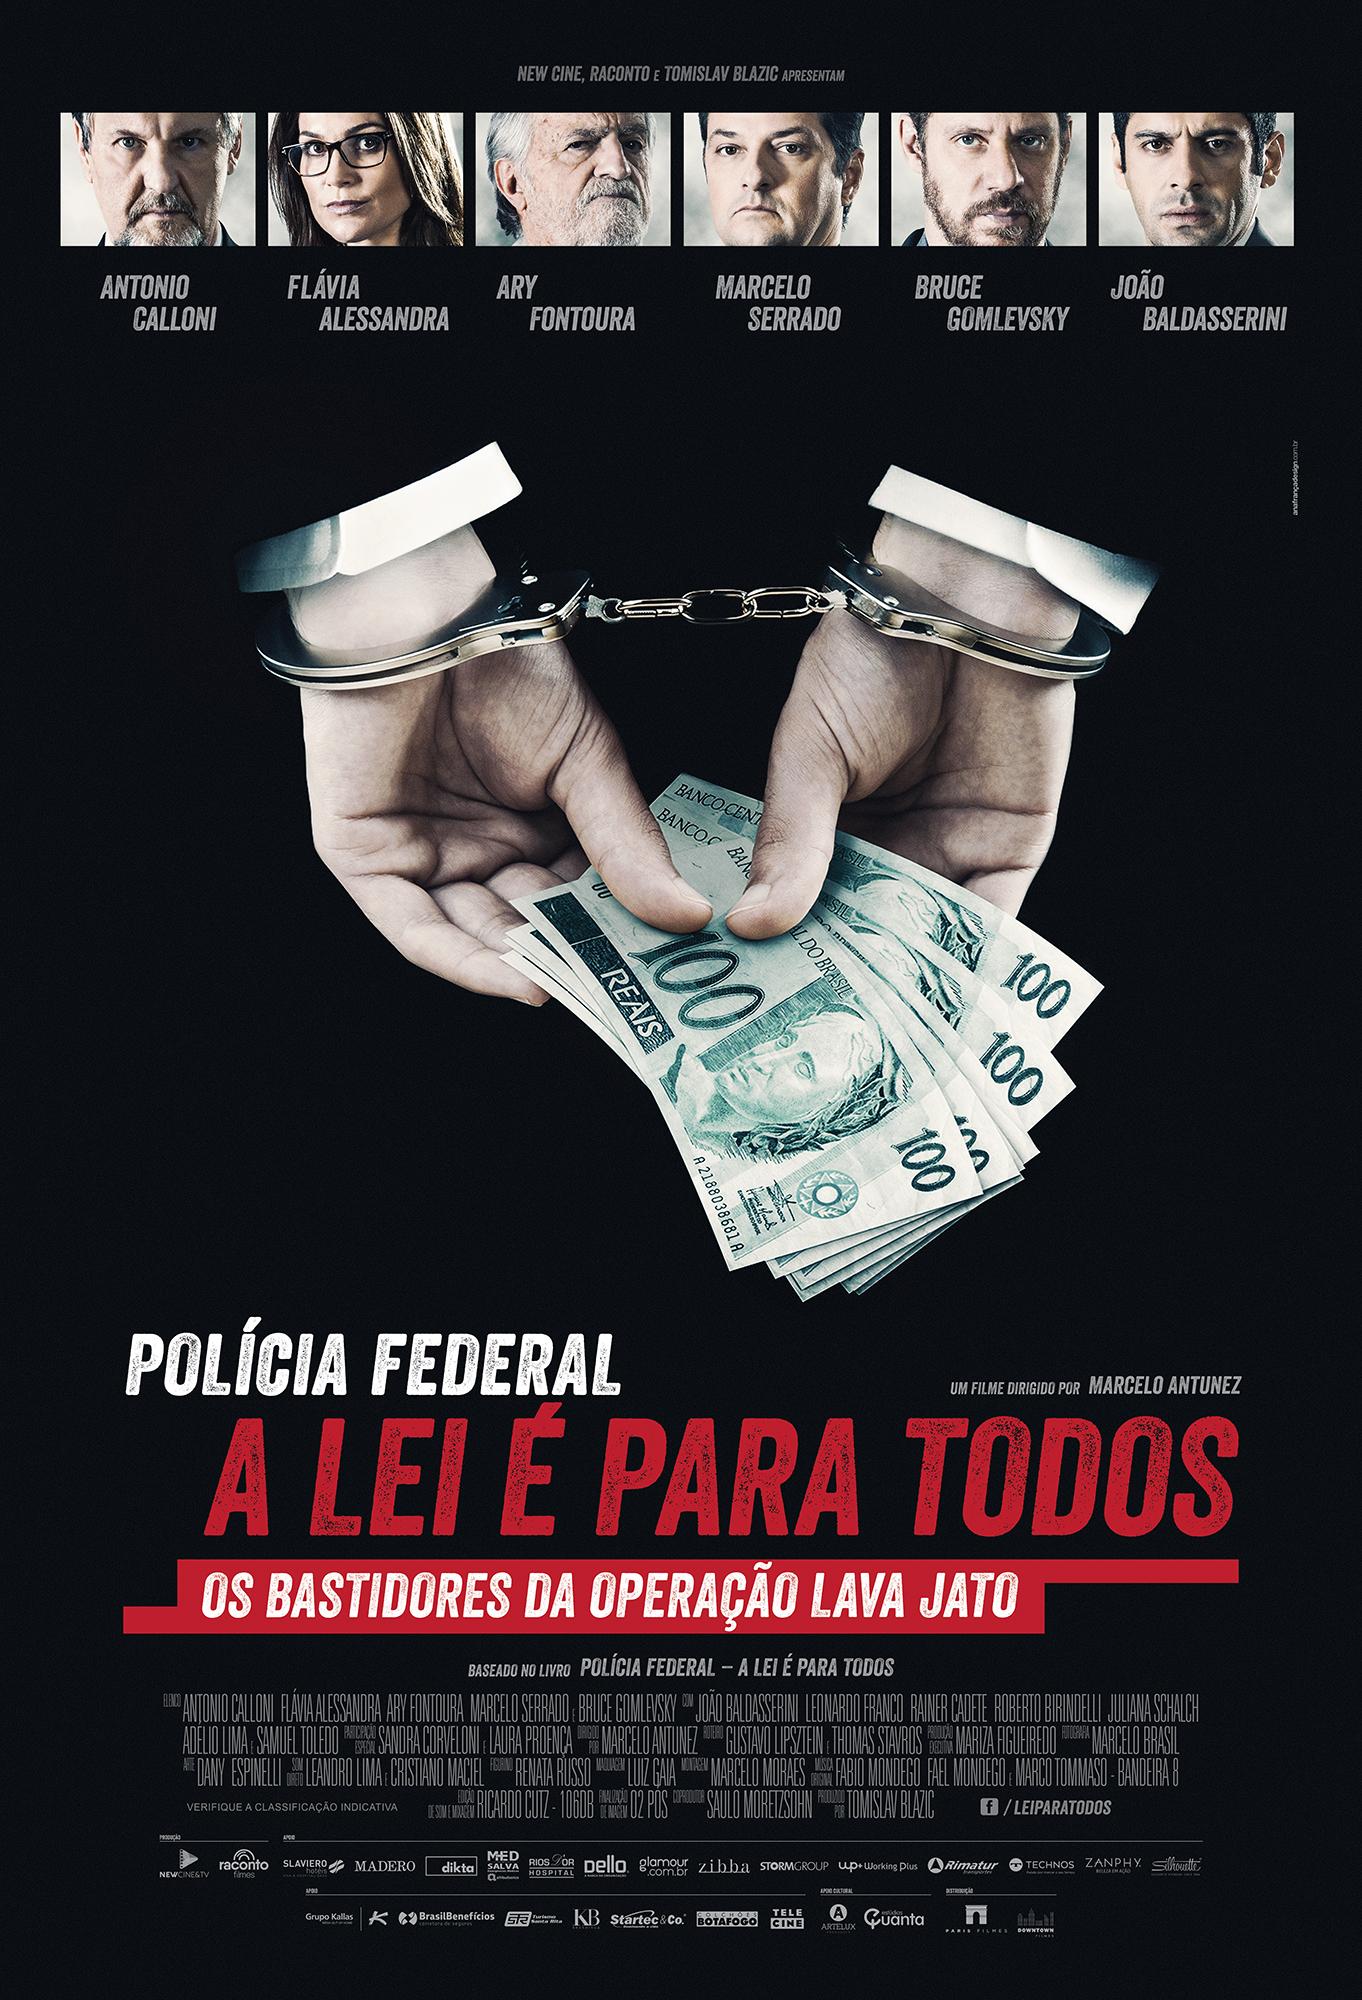 Download Filme Polícia Federal A Lei É para Todos 2 Torrent 2021 Qualidade Hd